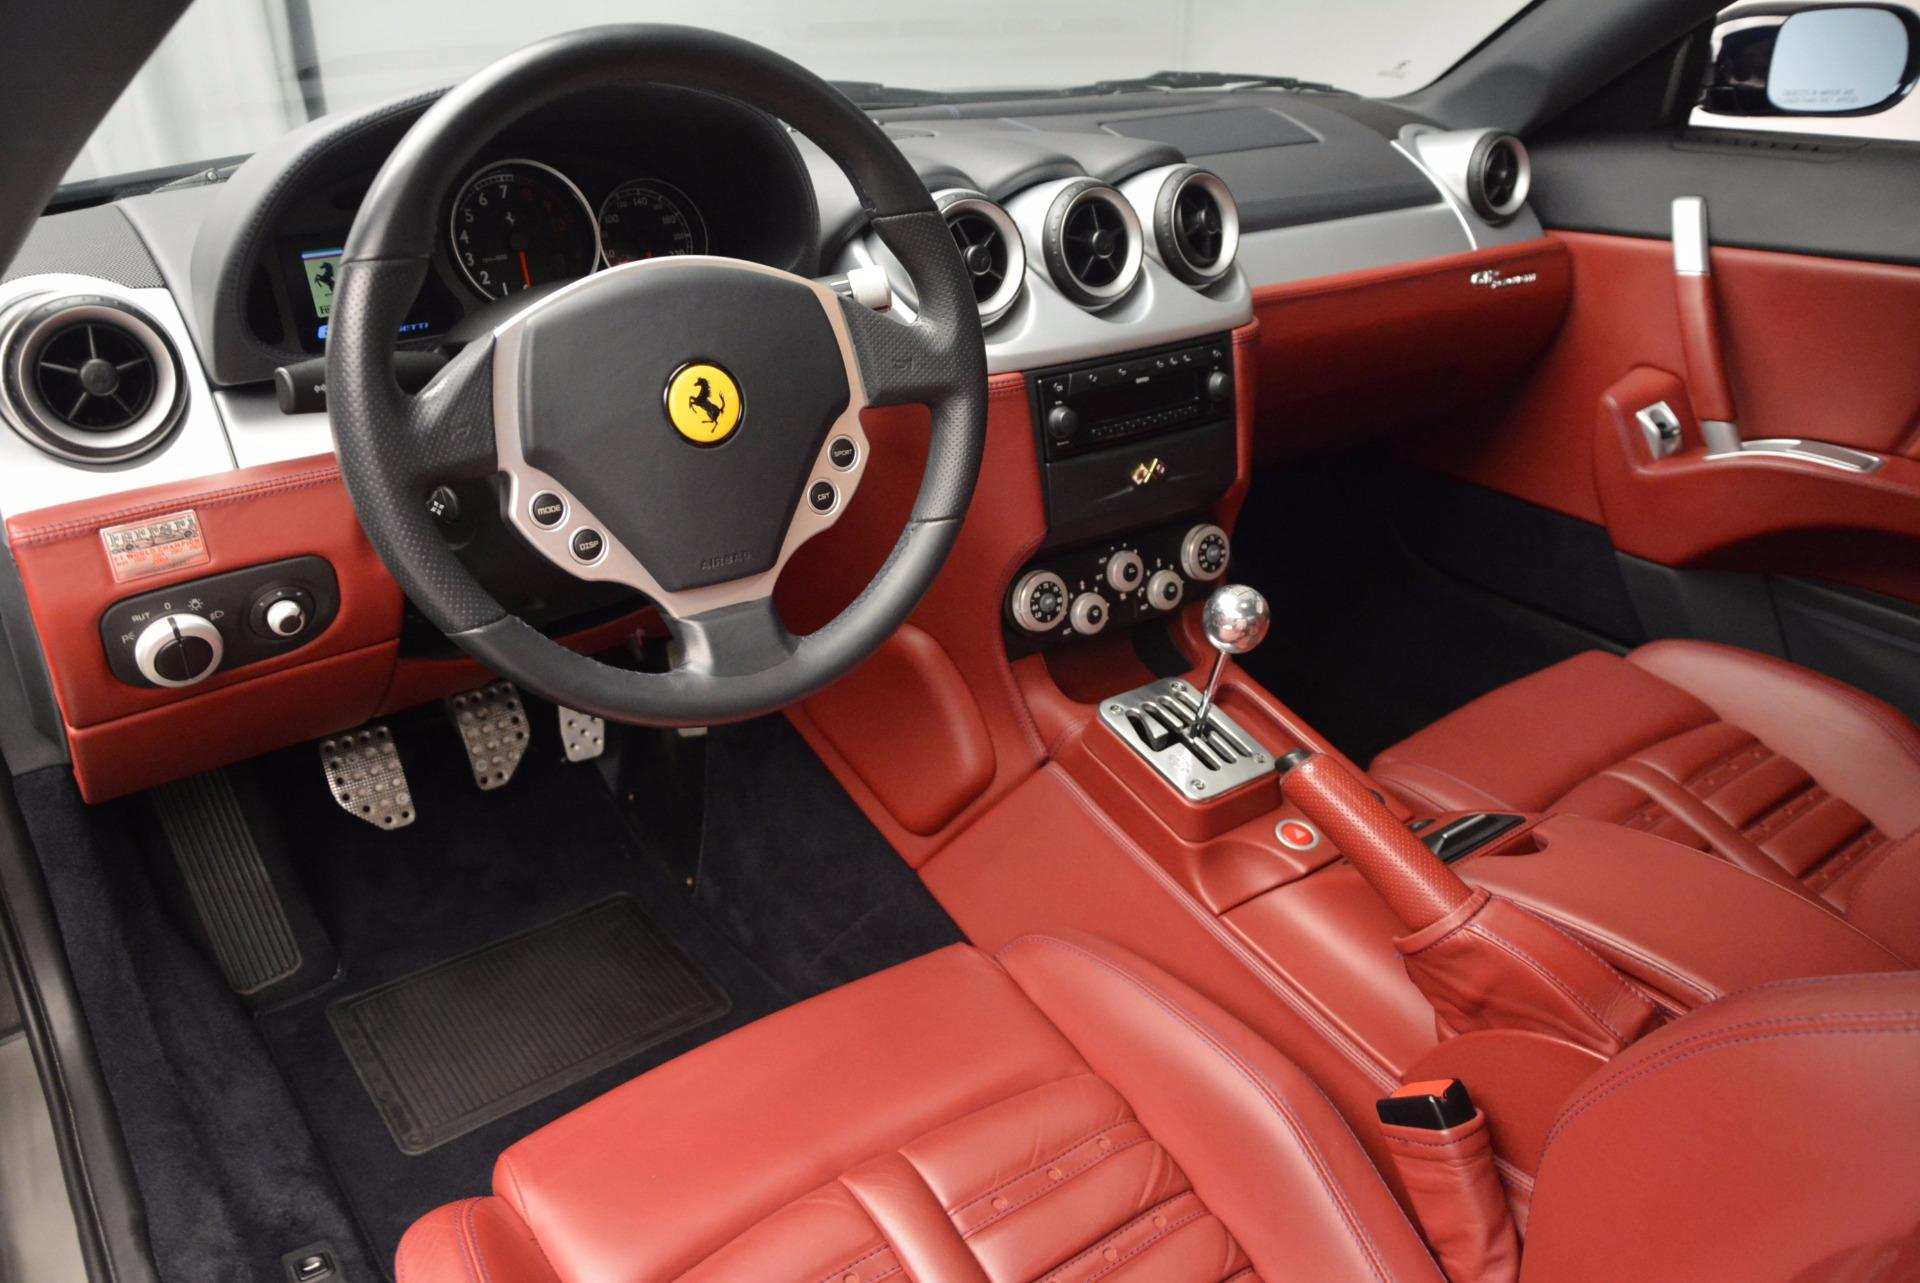 Used 2005 Ferrari 612 Scaglietti 6-Speed Manual For Sale In Greenwich, CT 854_p2